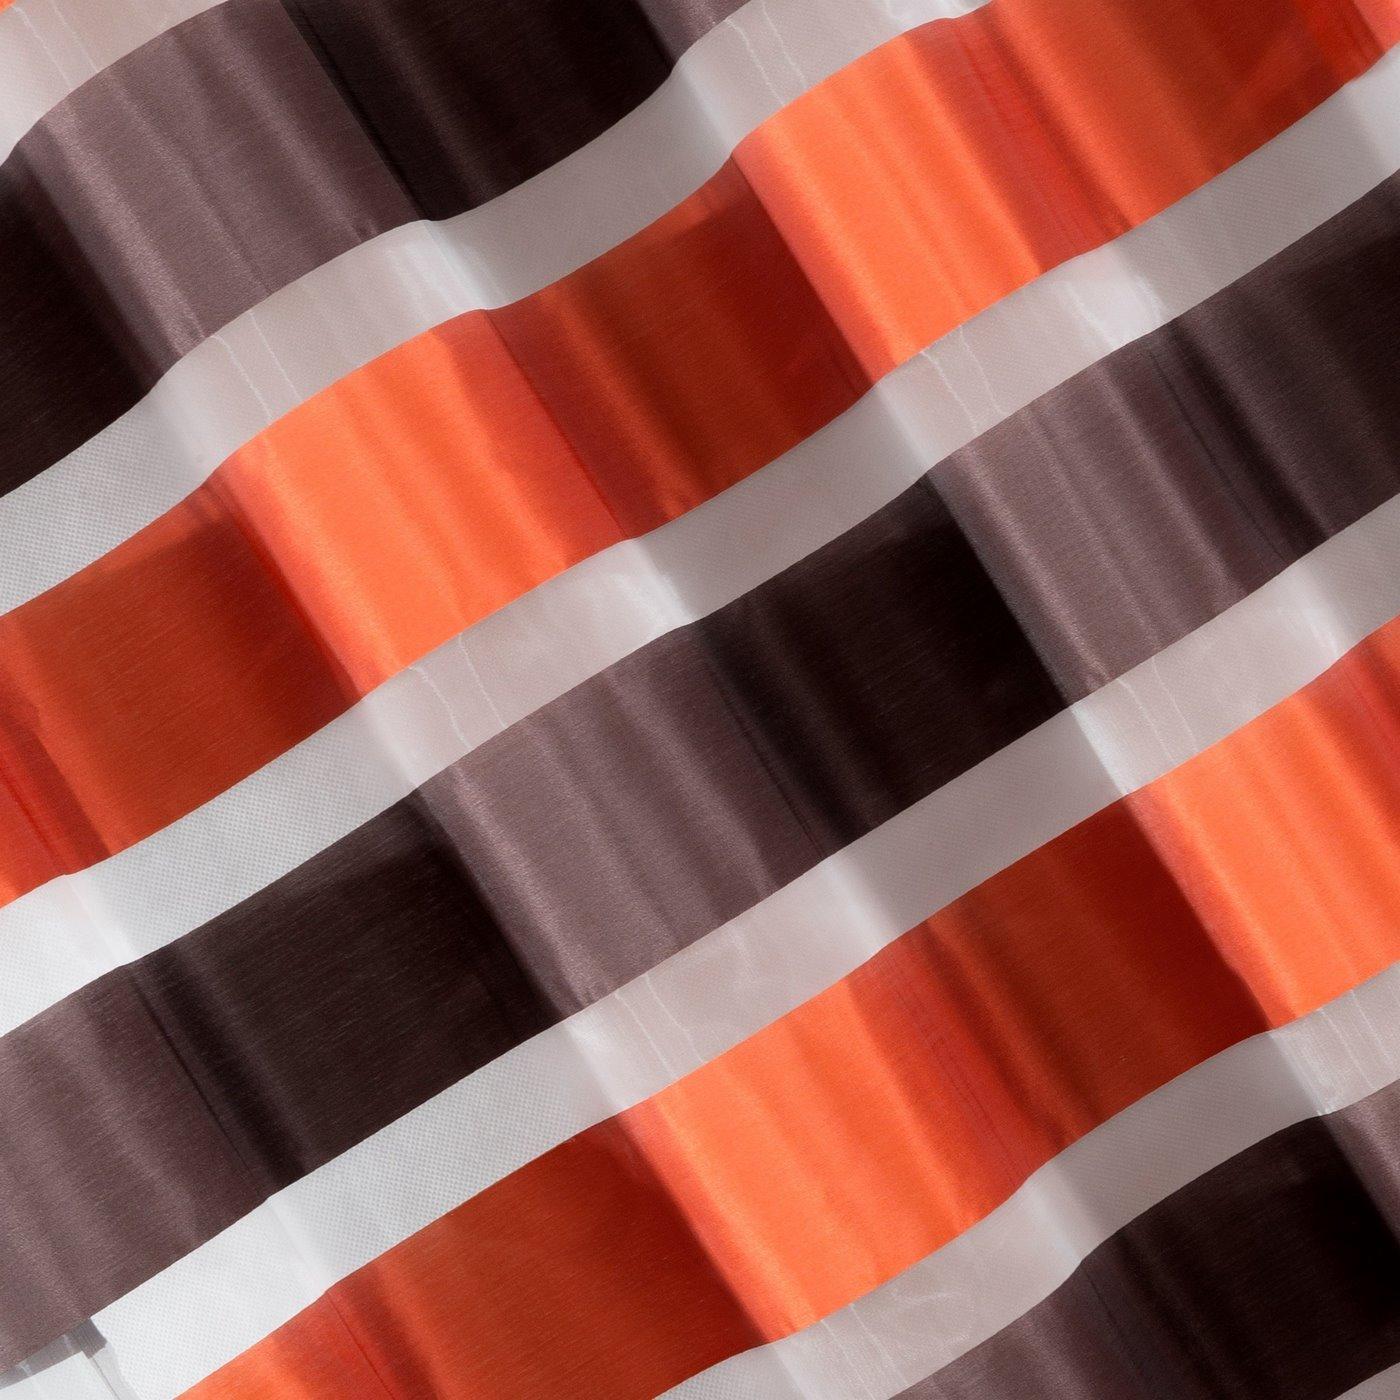 Zasłona poziome atłasowe pasy+organza brązowy+pomarańczowy przelotki 140x250cm